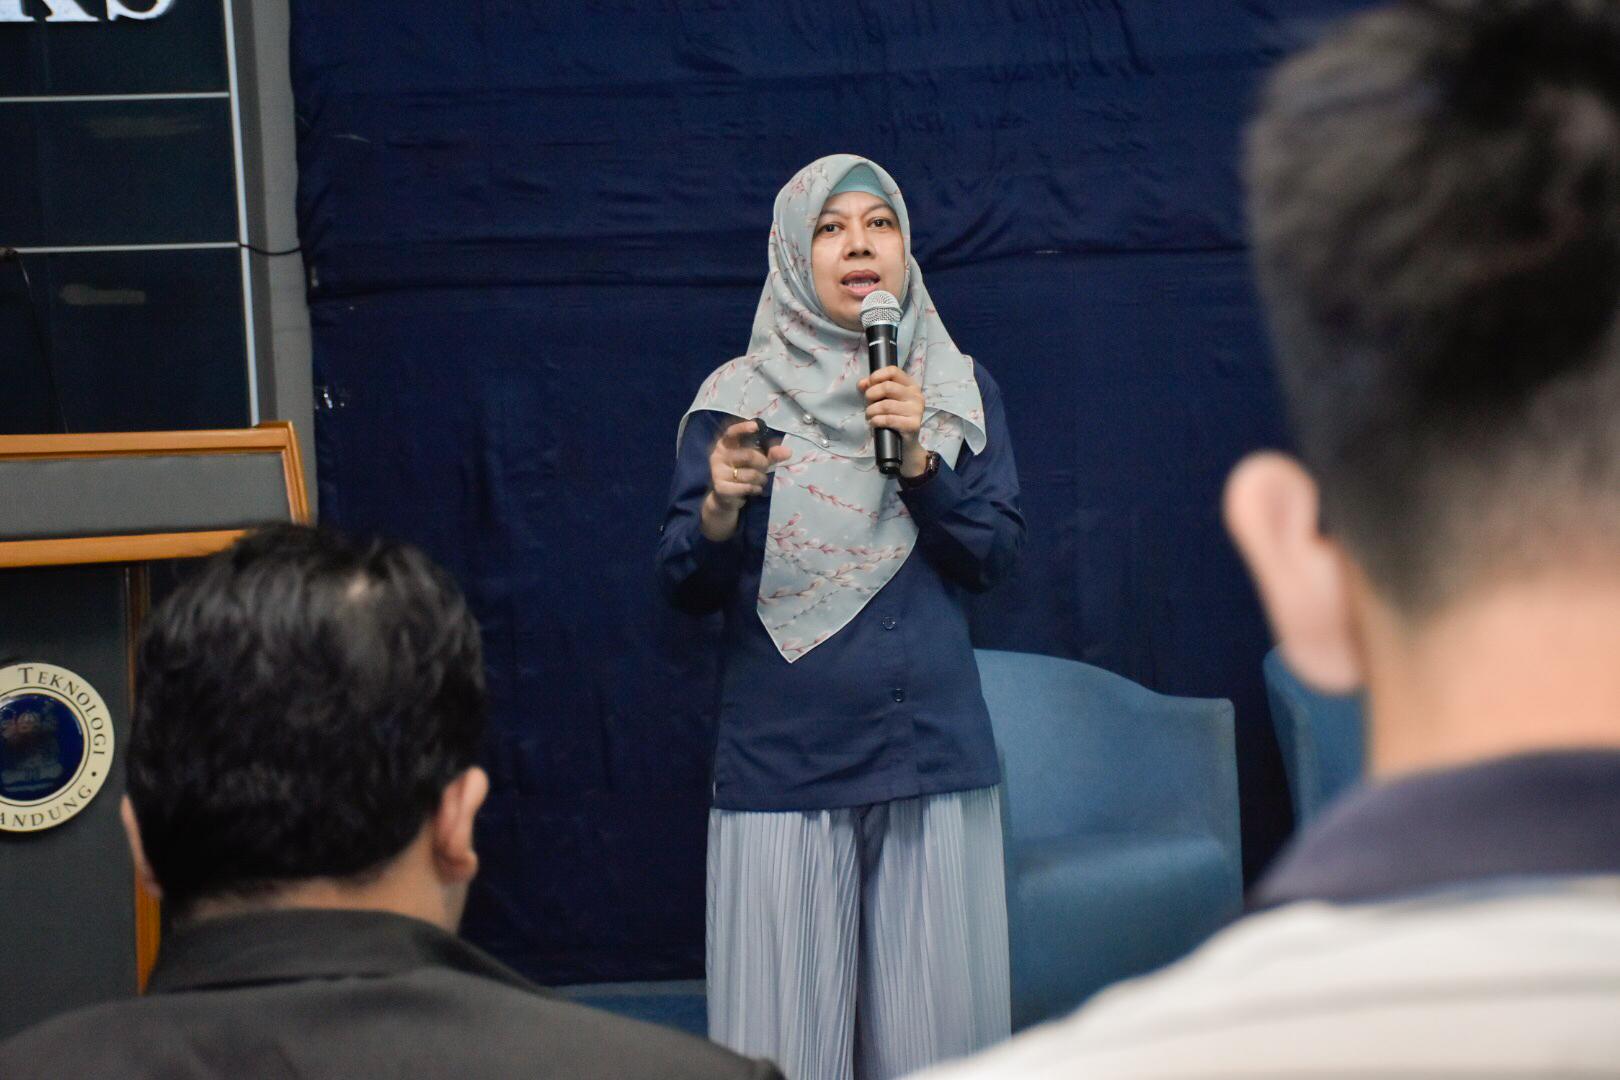 Direktur Bioenergi, Andriah Feby Misna menjawab pertanyaan dari salah satu peserta seminar di Kampus ITB, Bandung. (07/03/2020)